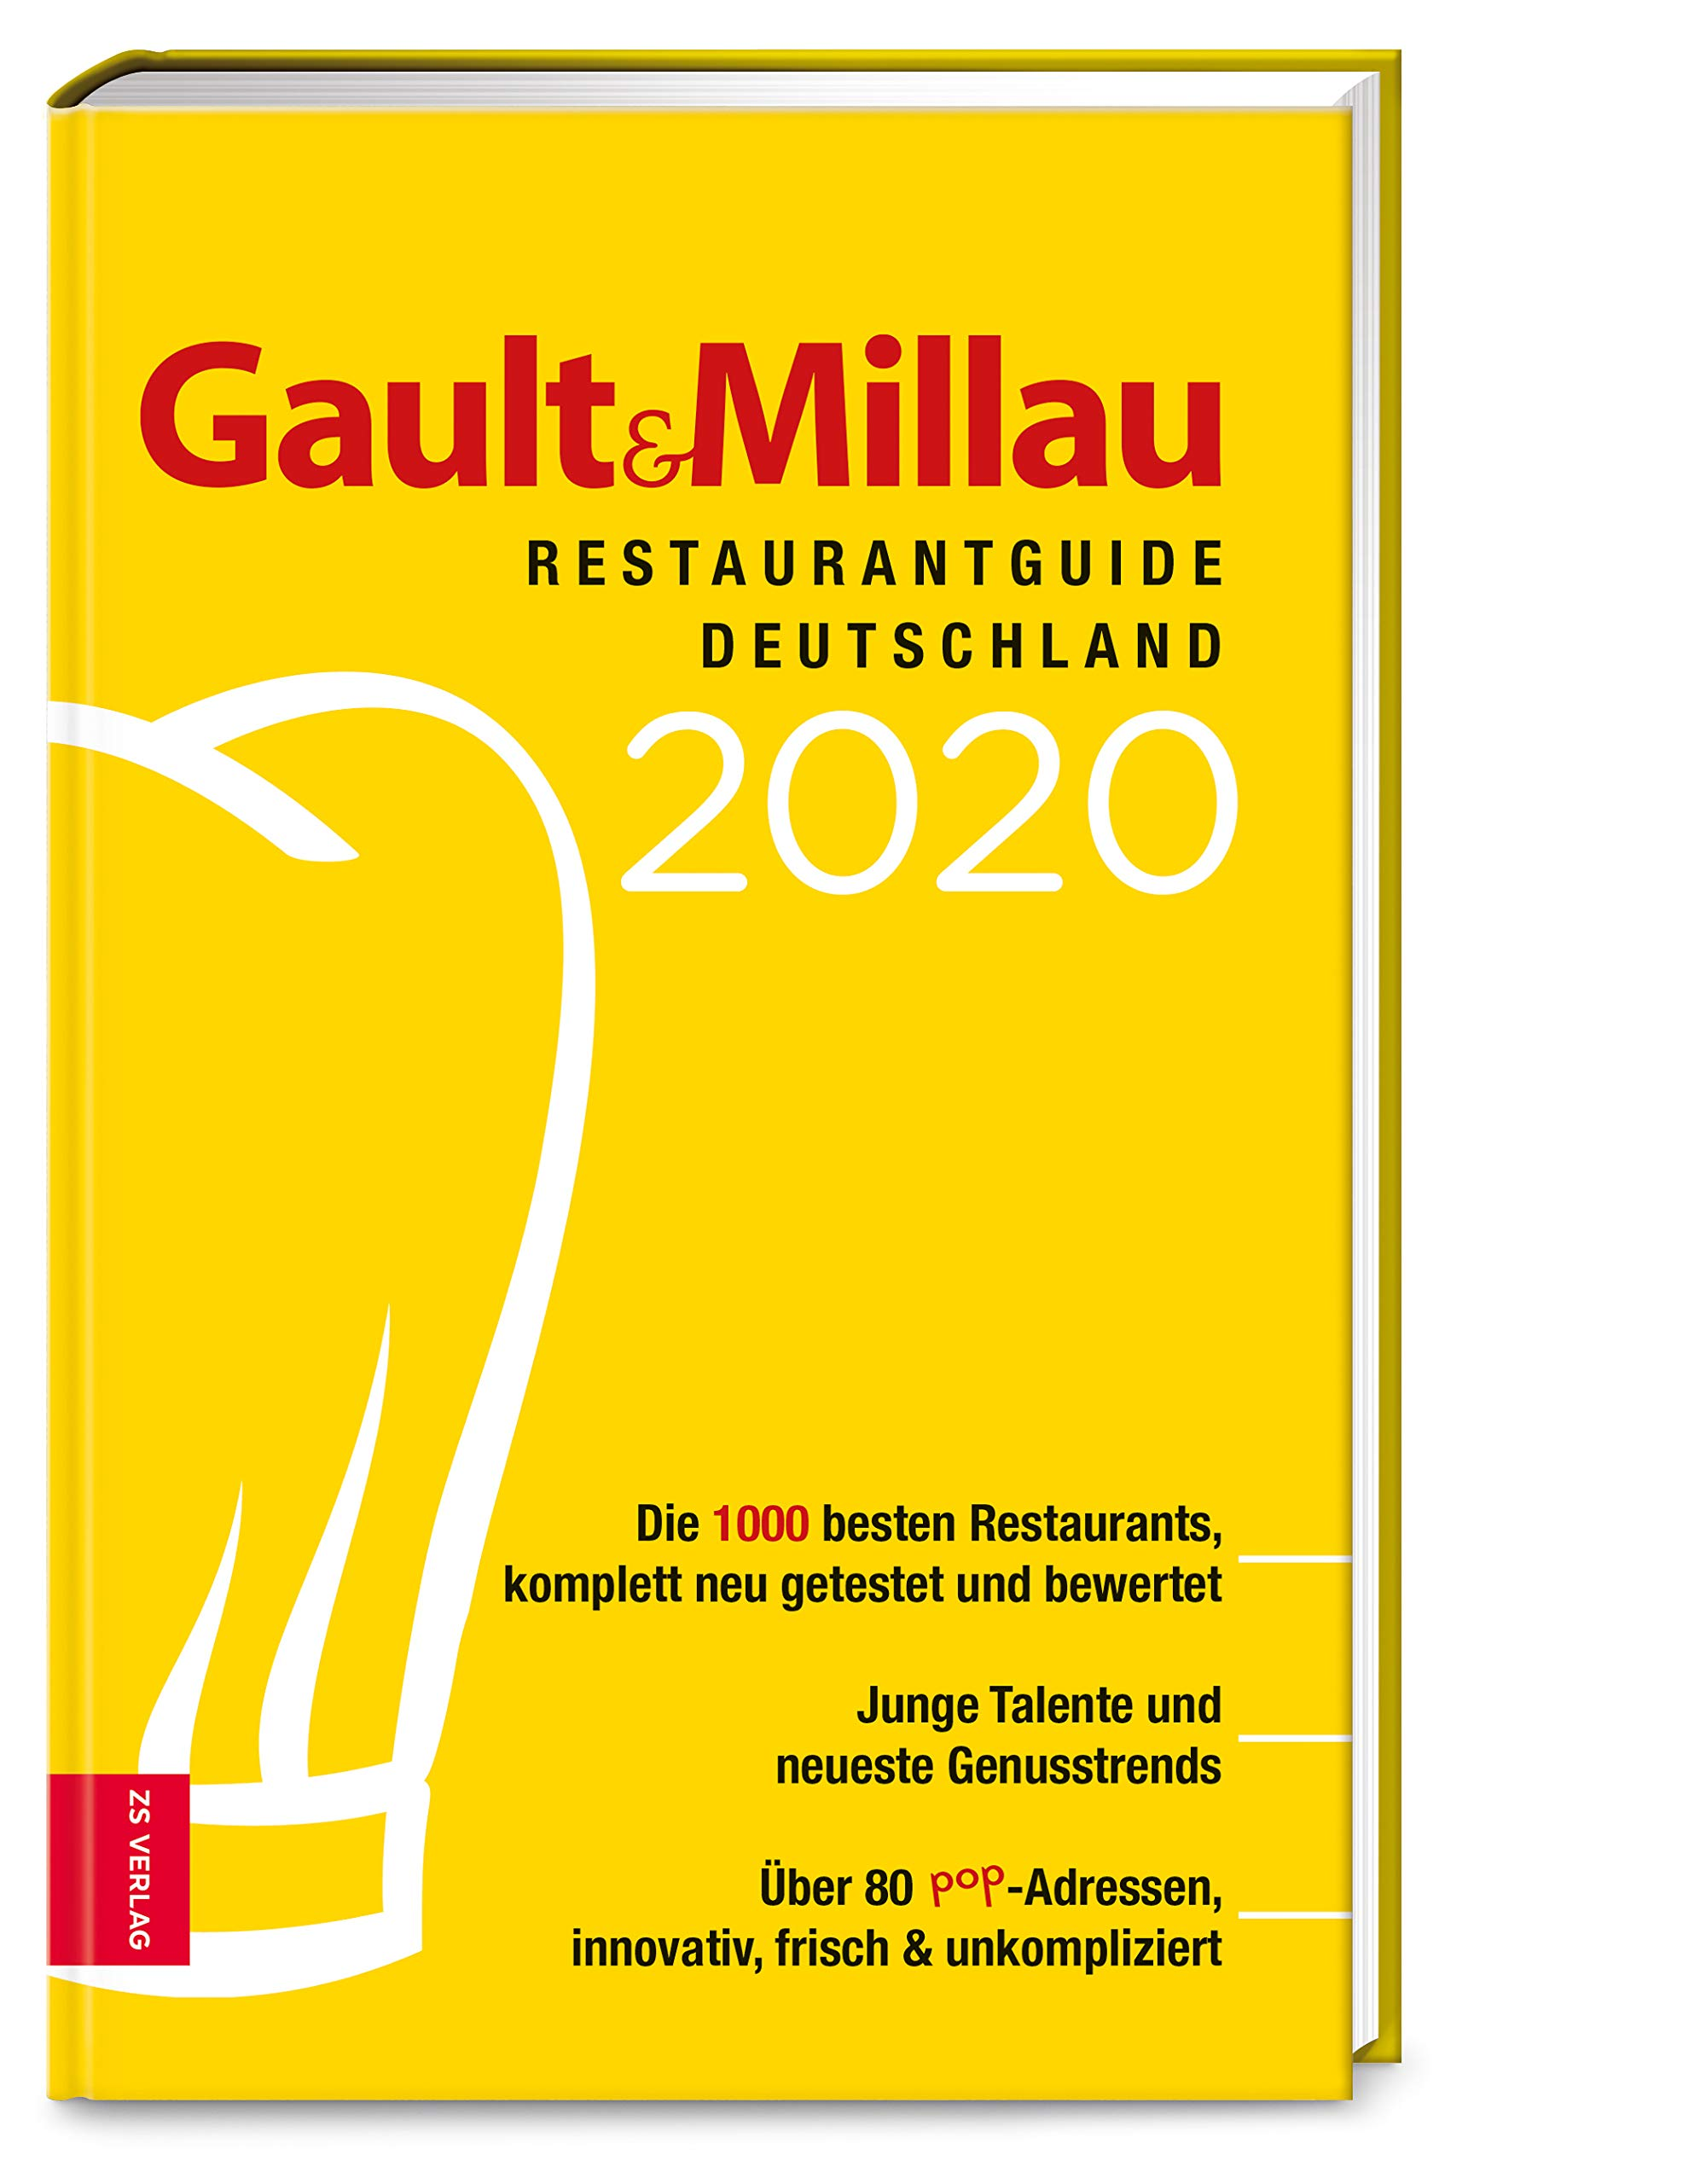 GaultandMillau Restaurantguide Deutschland 2020